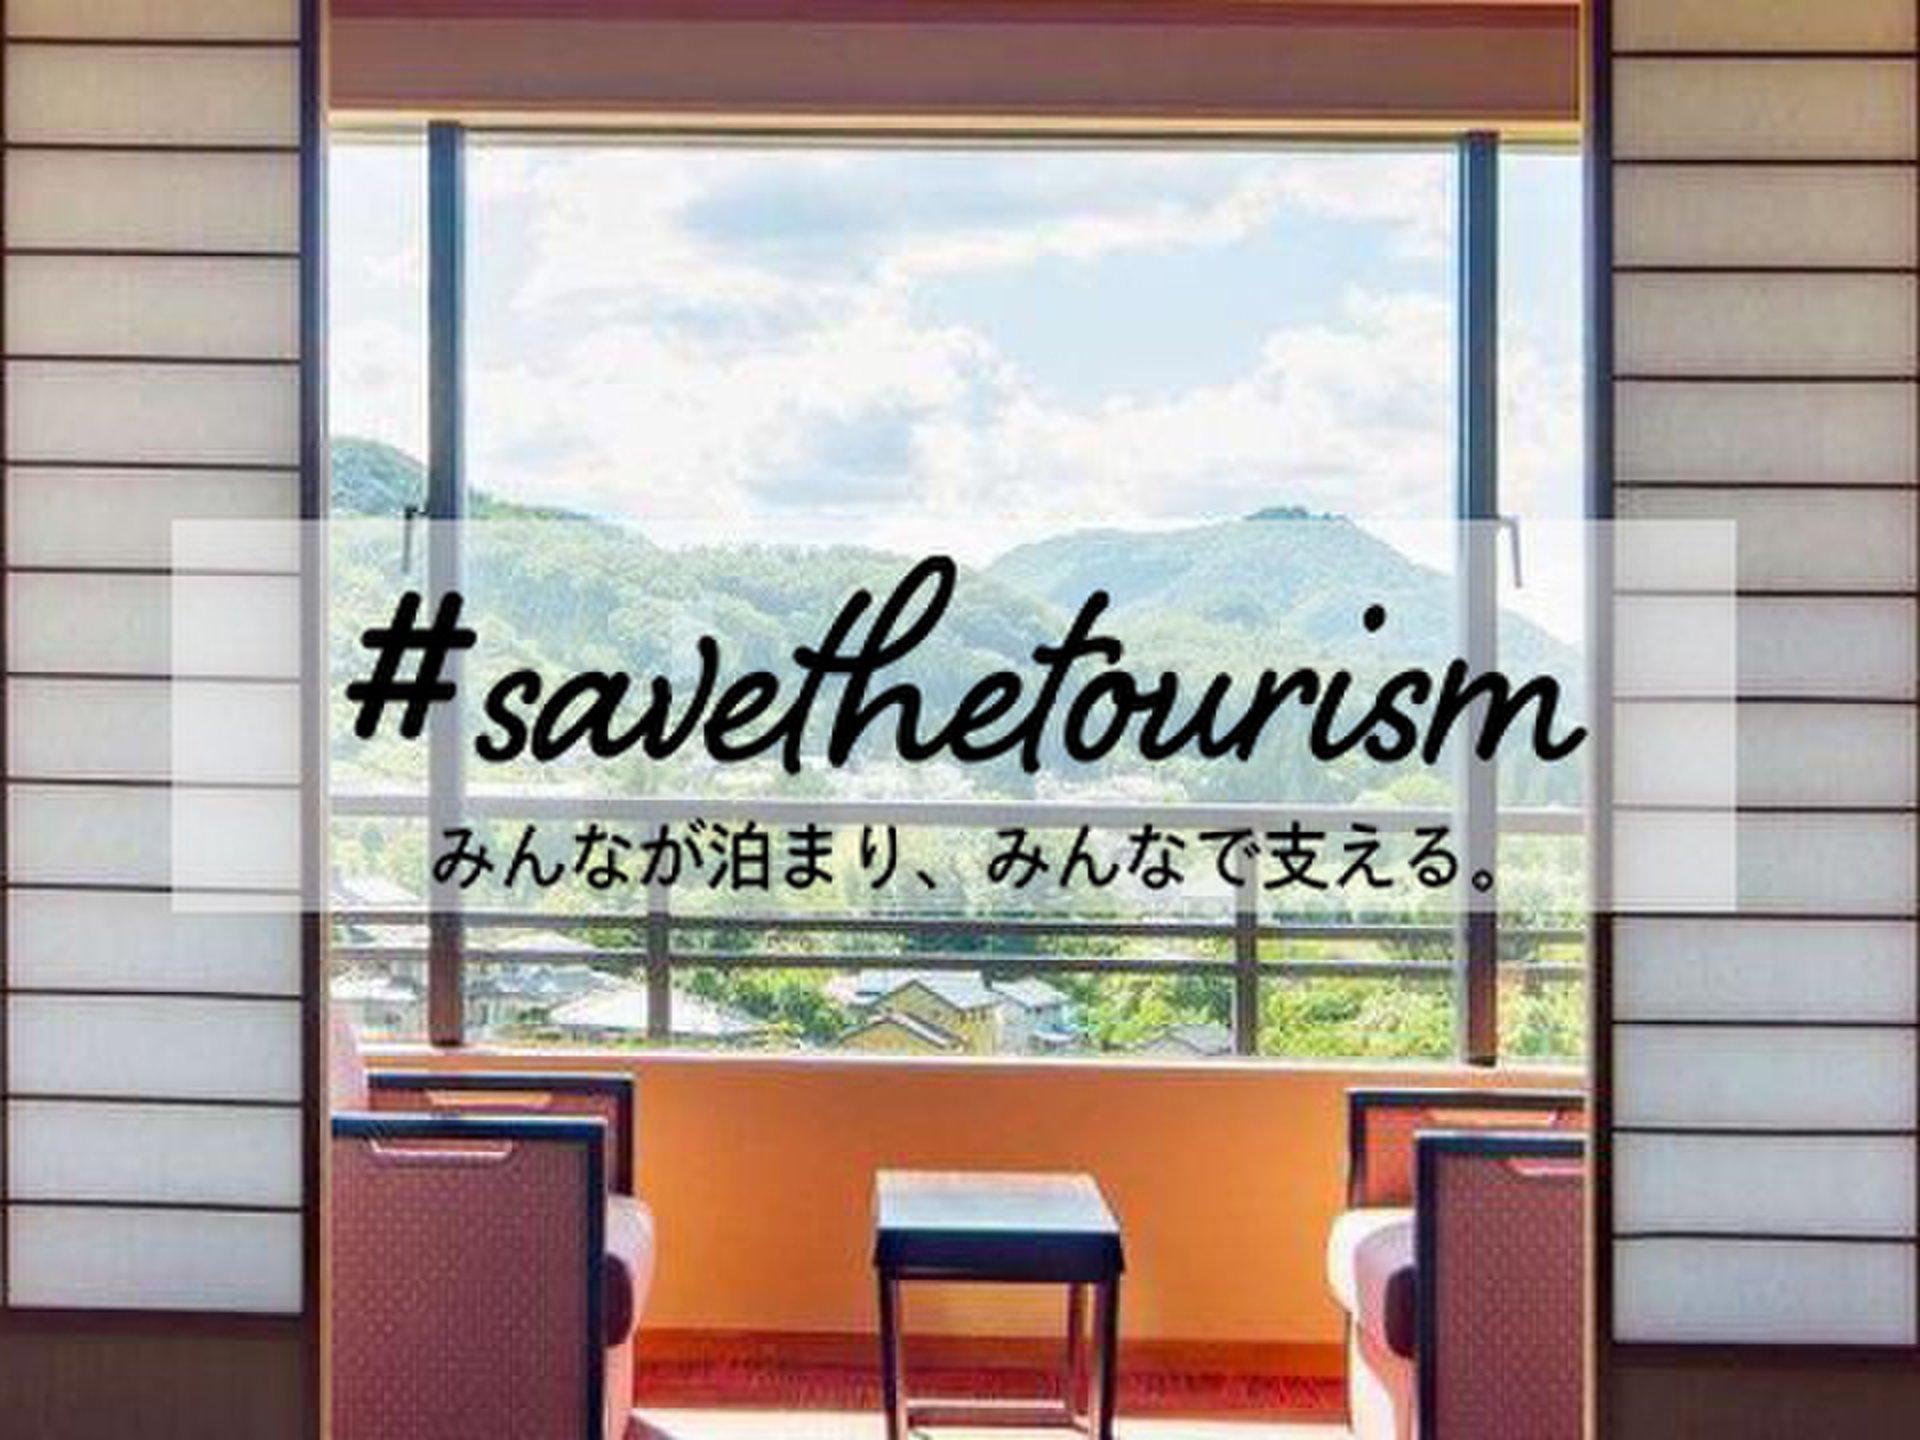 四季を感じられる東北のお宿5選 「#savethetourism」で支援しよう